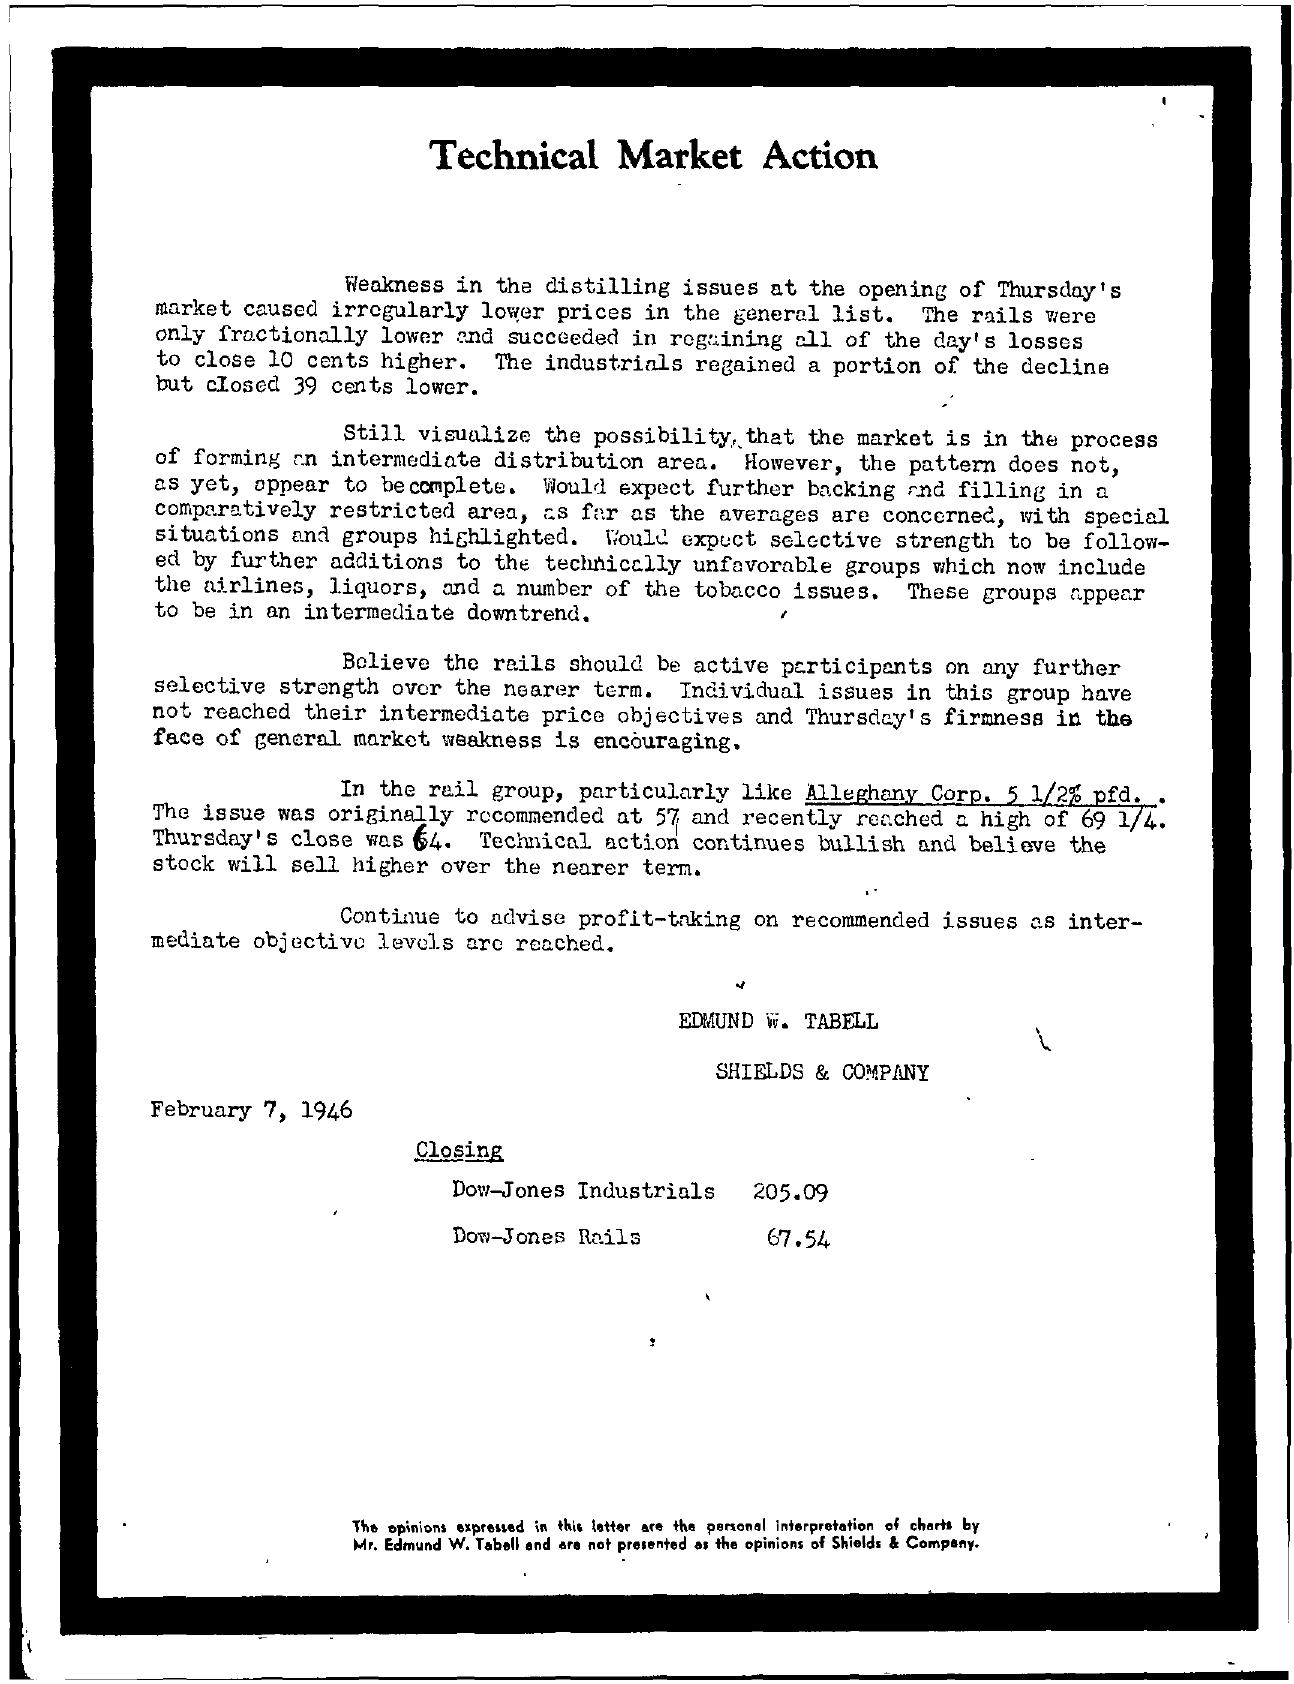 Tabell's Market Letter - February 07, 1946